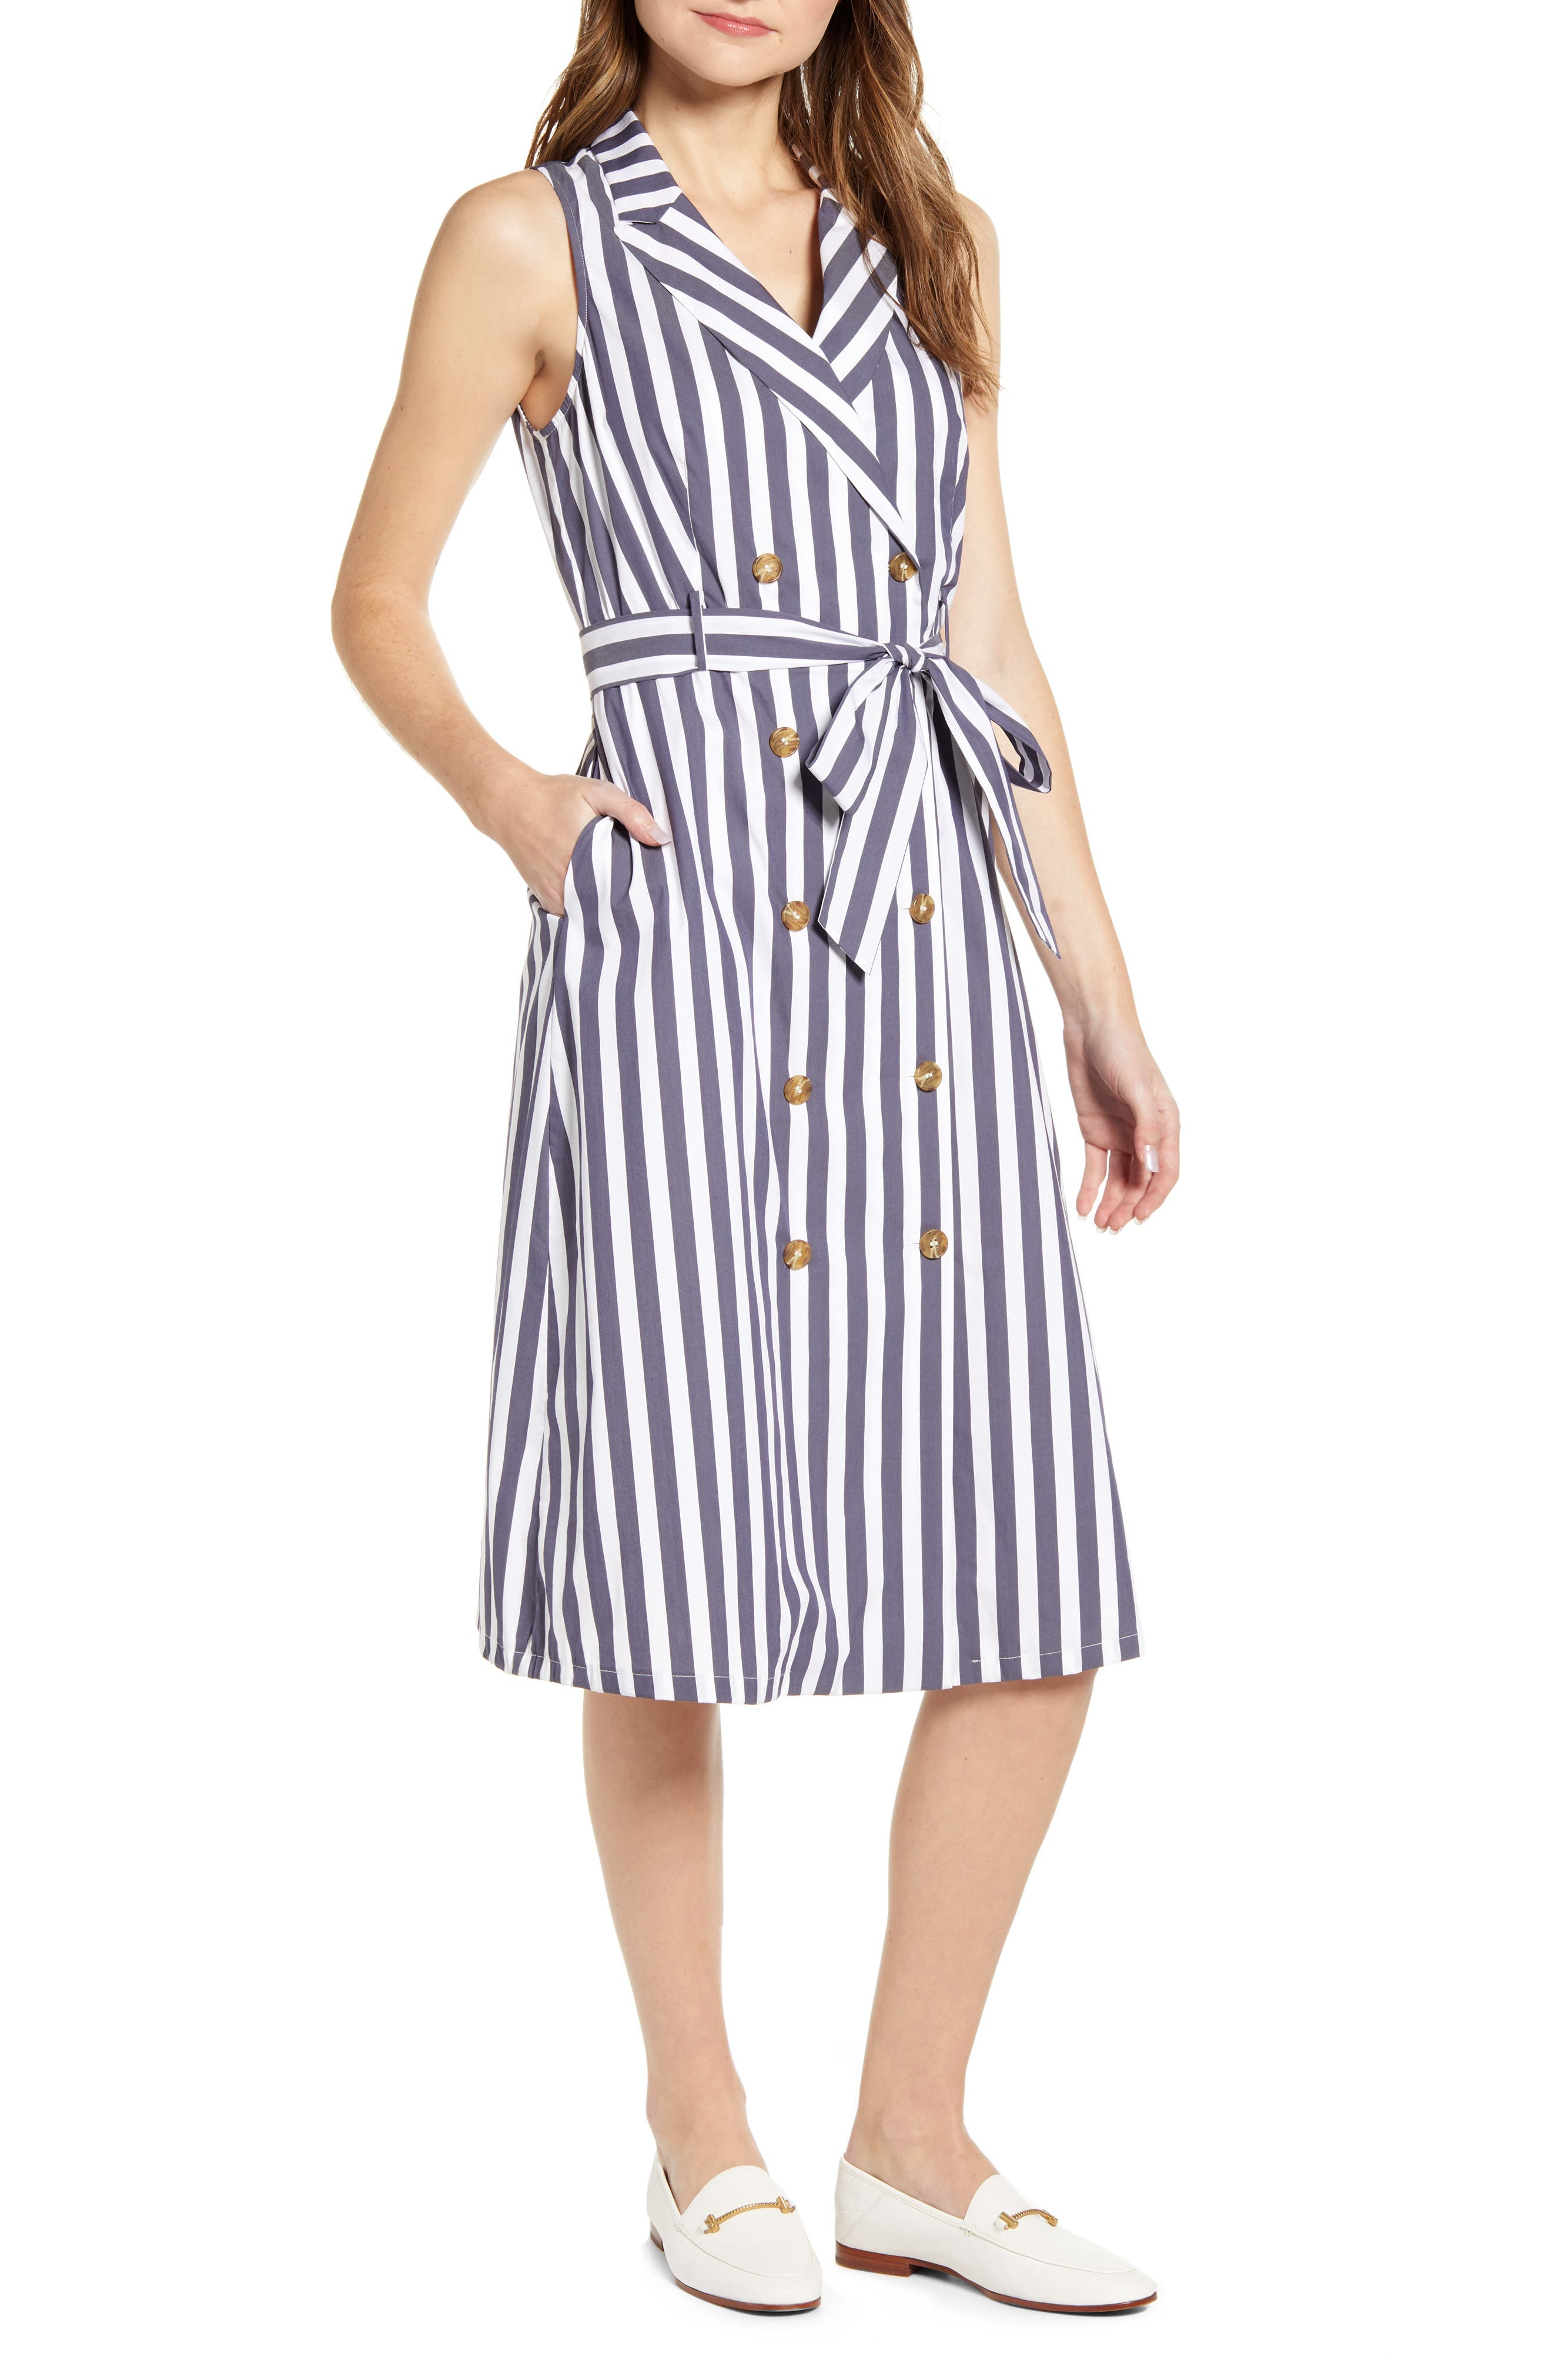 Vintage Shirtwaist Dress History Womens Court  Rowe Tie Waist Sleeveless Cotton Blend Shirtdress $89.40 AT vintagedancer.com